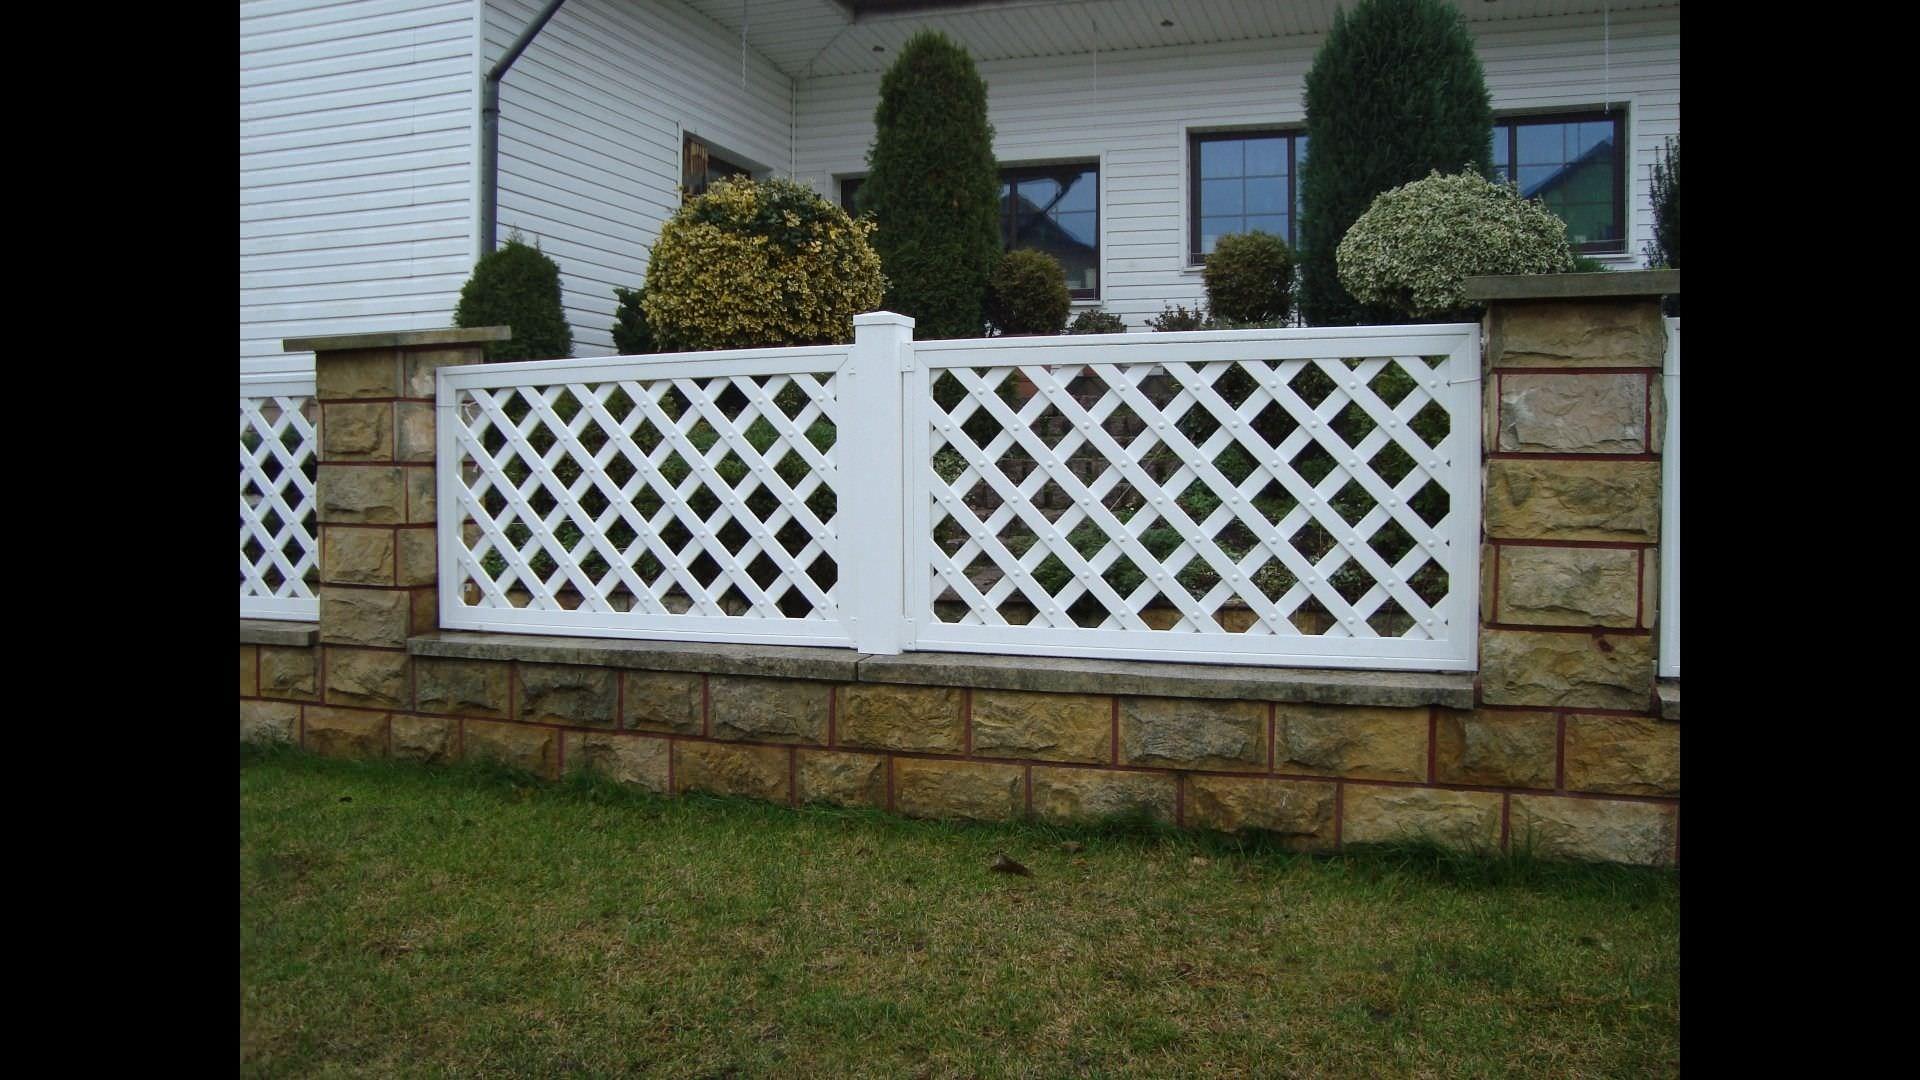 Steccato Da Giardino In Pvc : Recinzioni da giardino in pvc pannelli divisori da giardino in